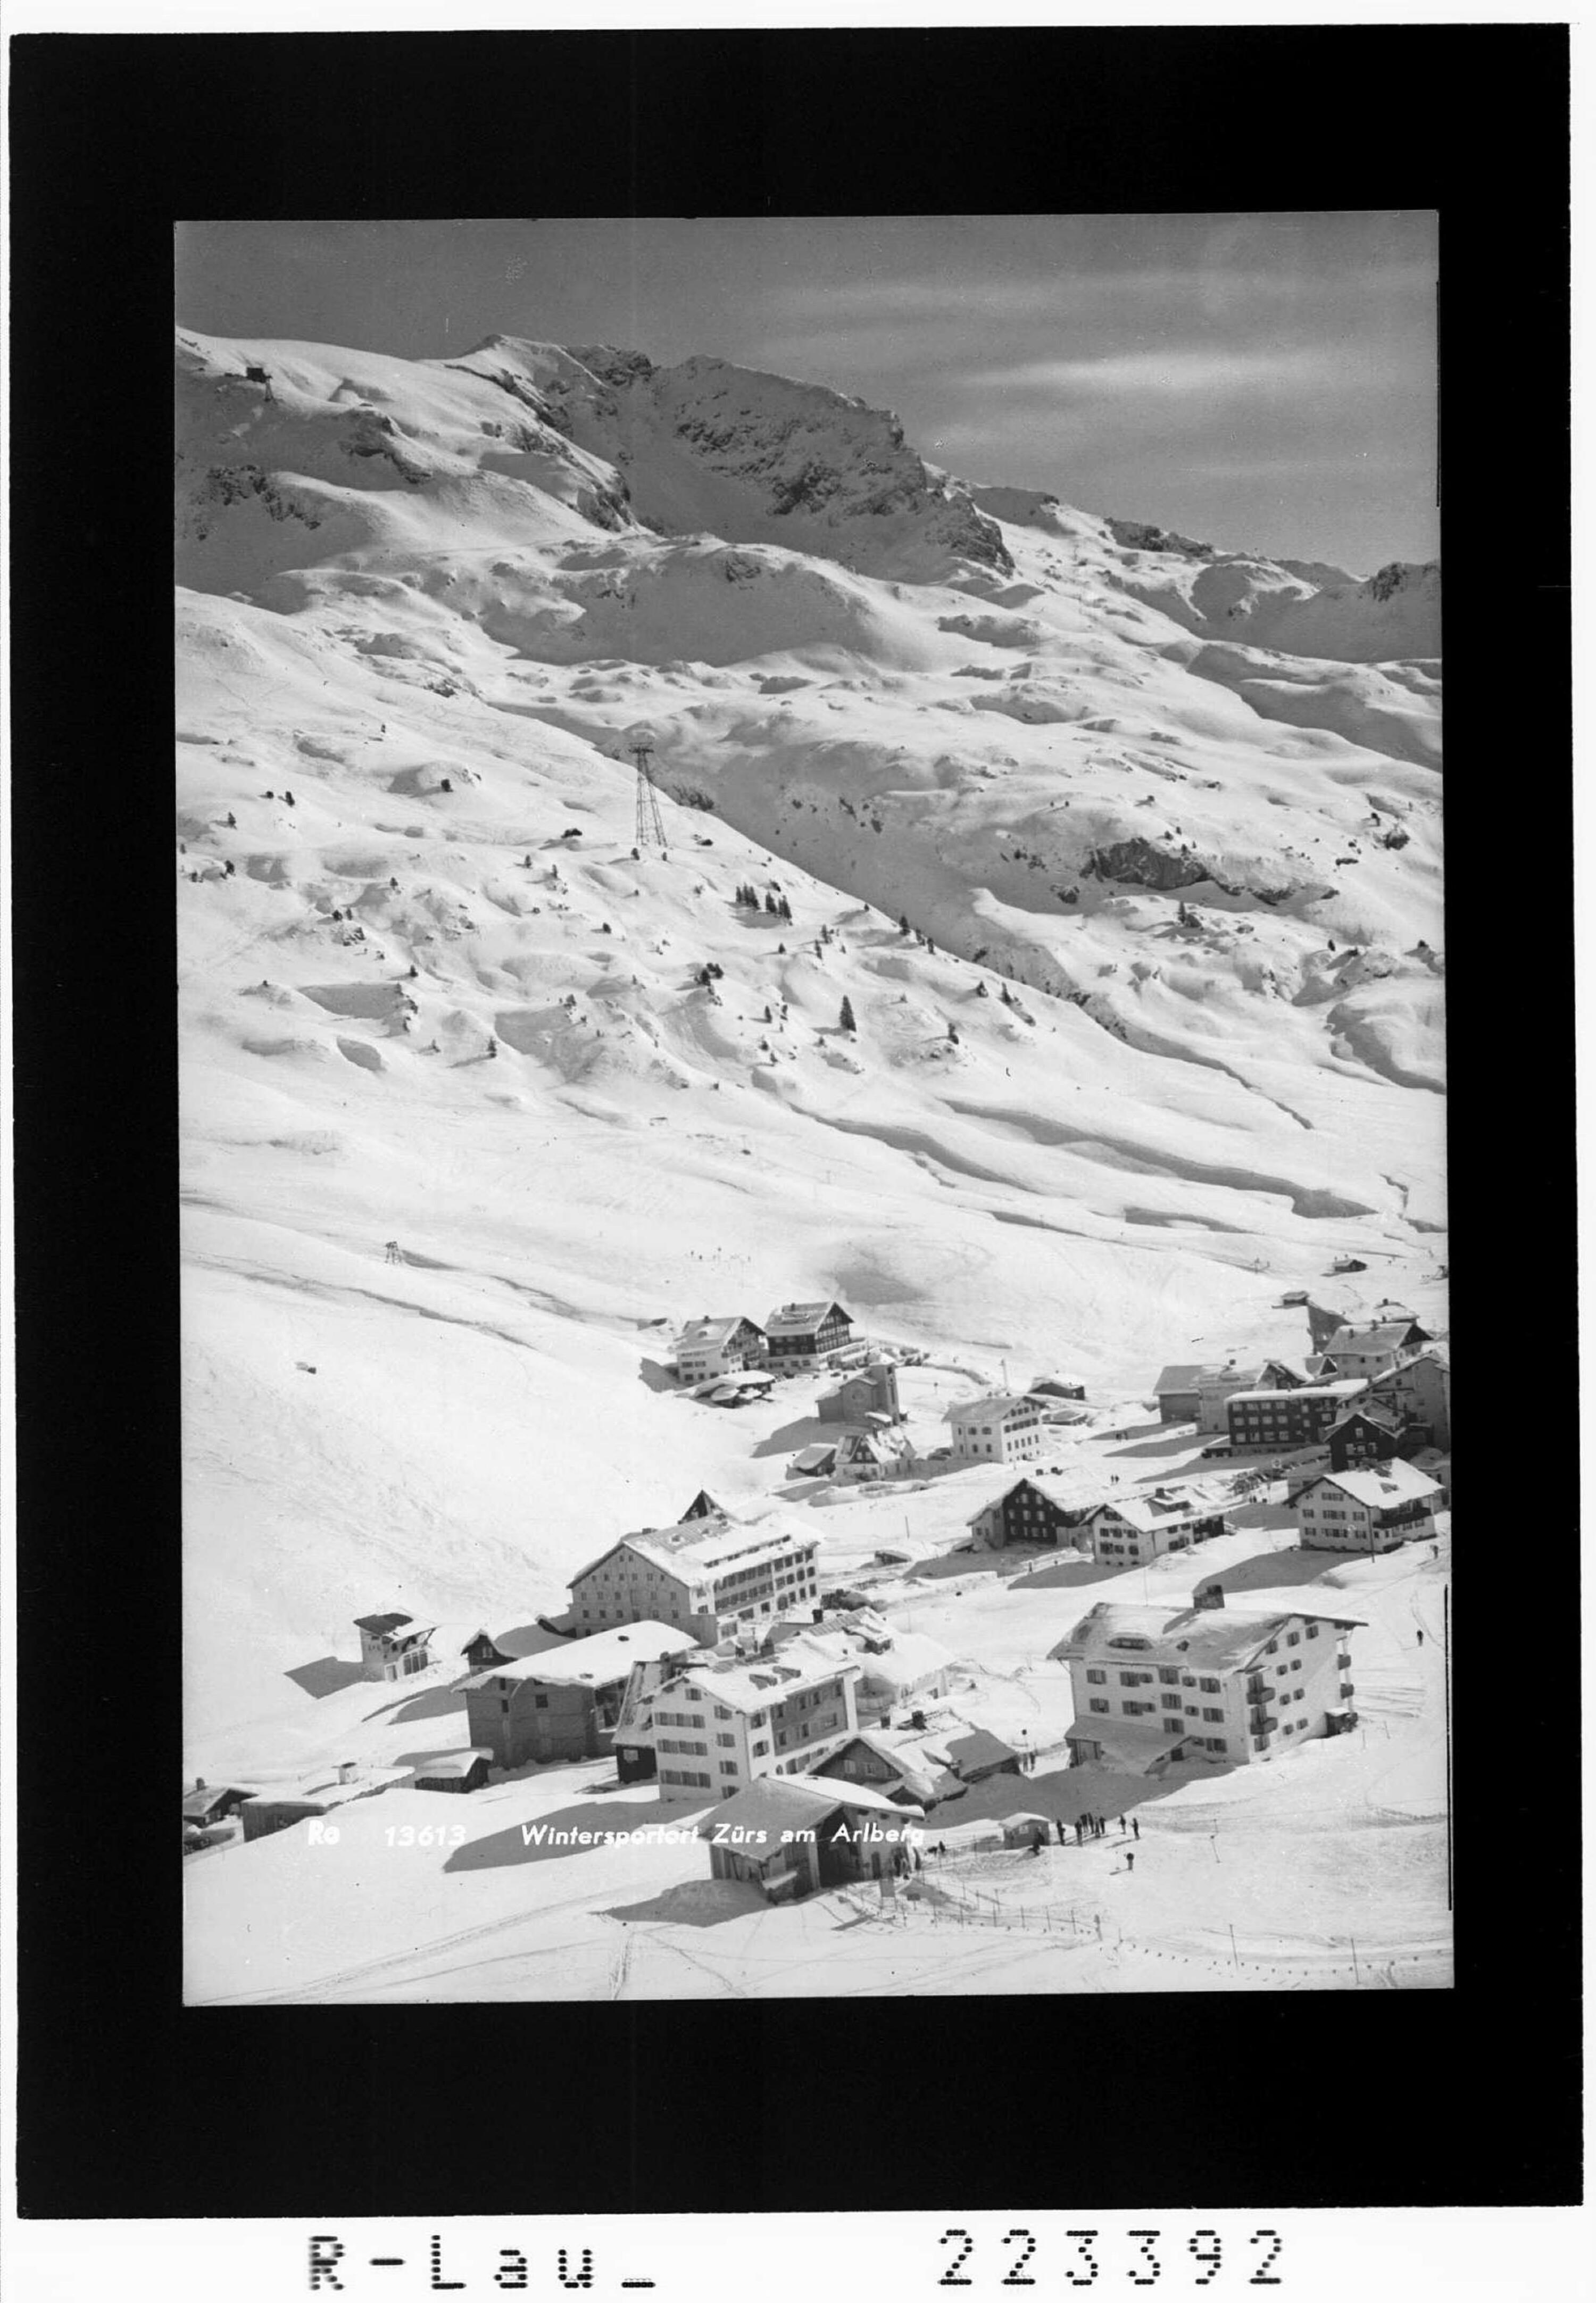 Wintersportplatz Zürs am Arlberg von Rhomberg